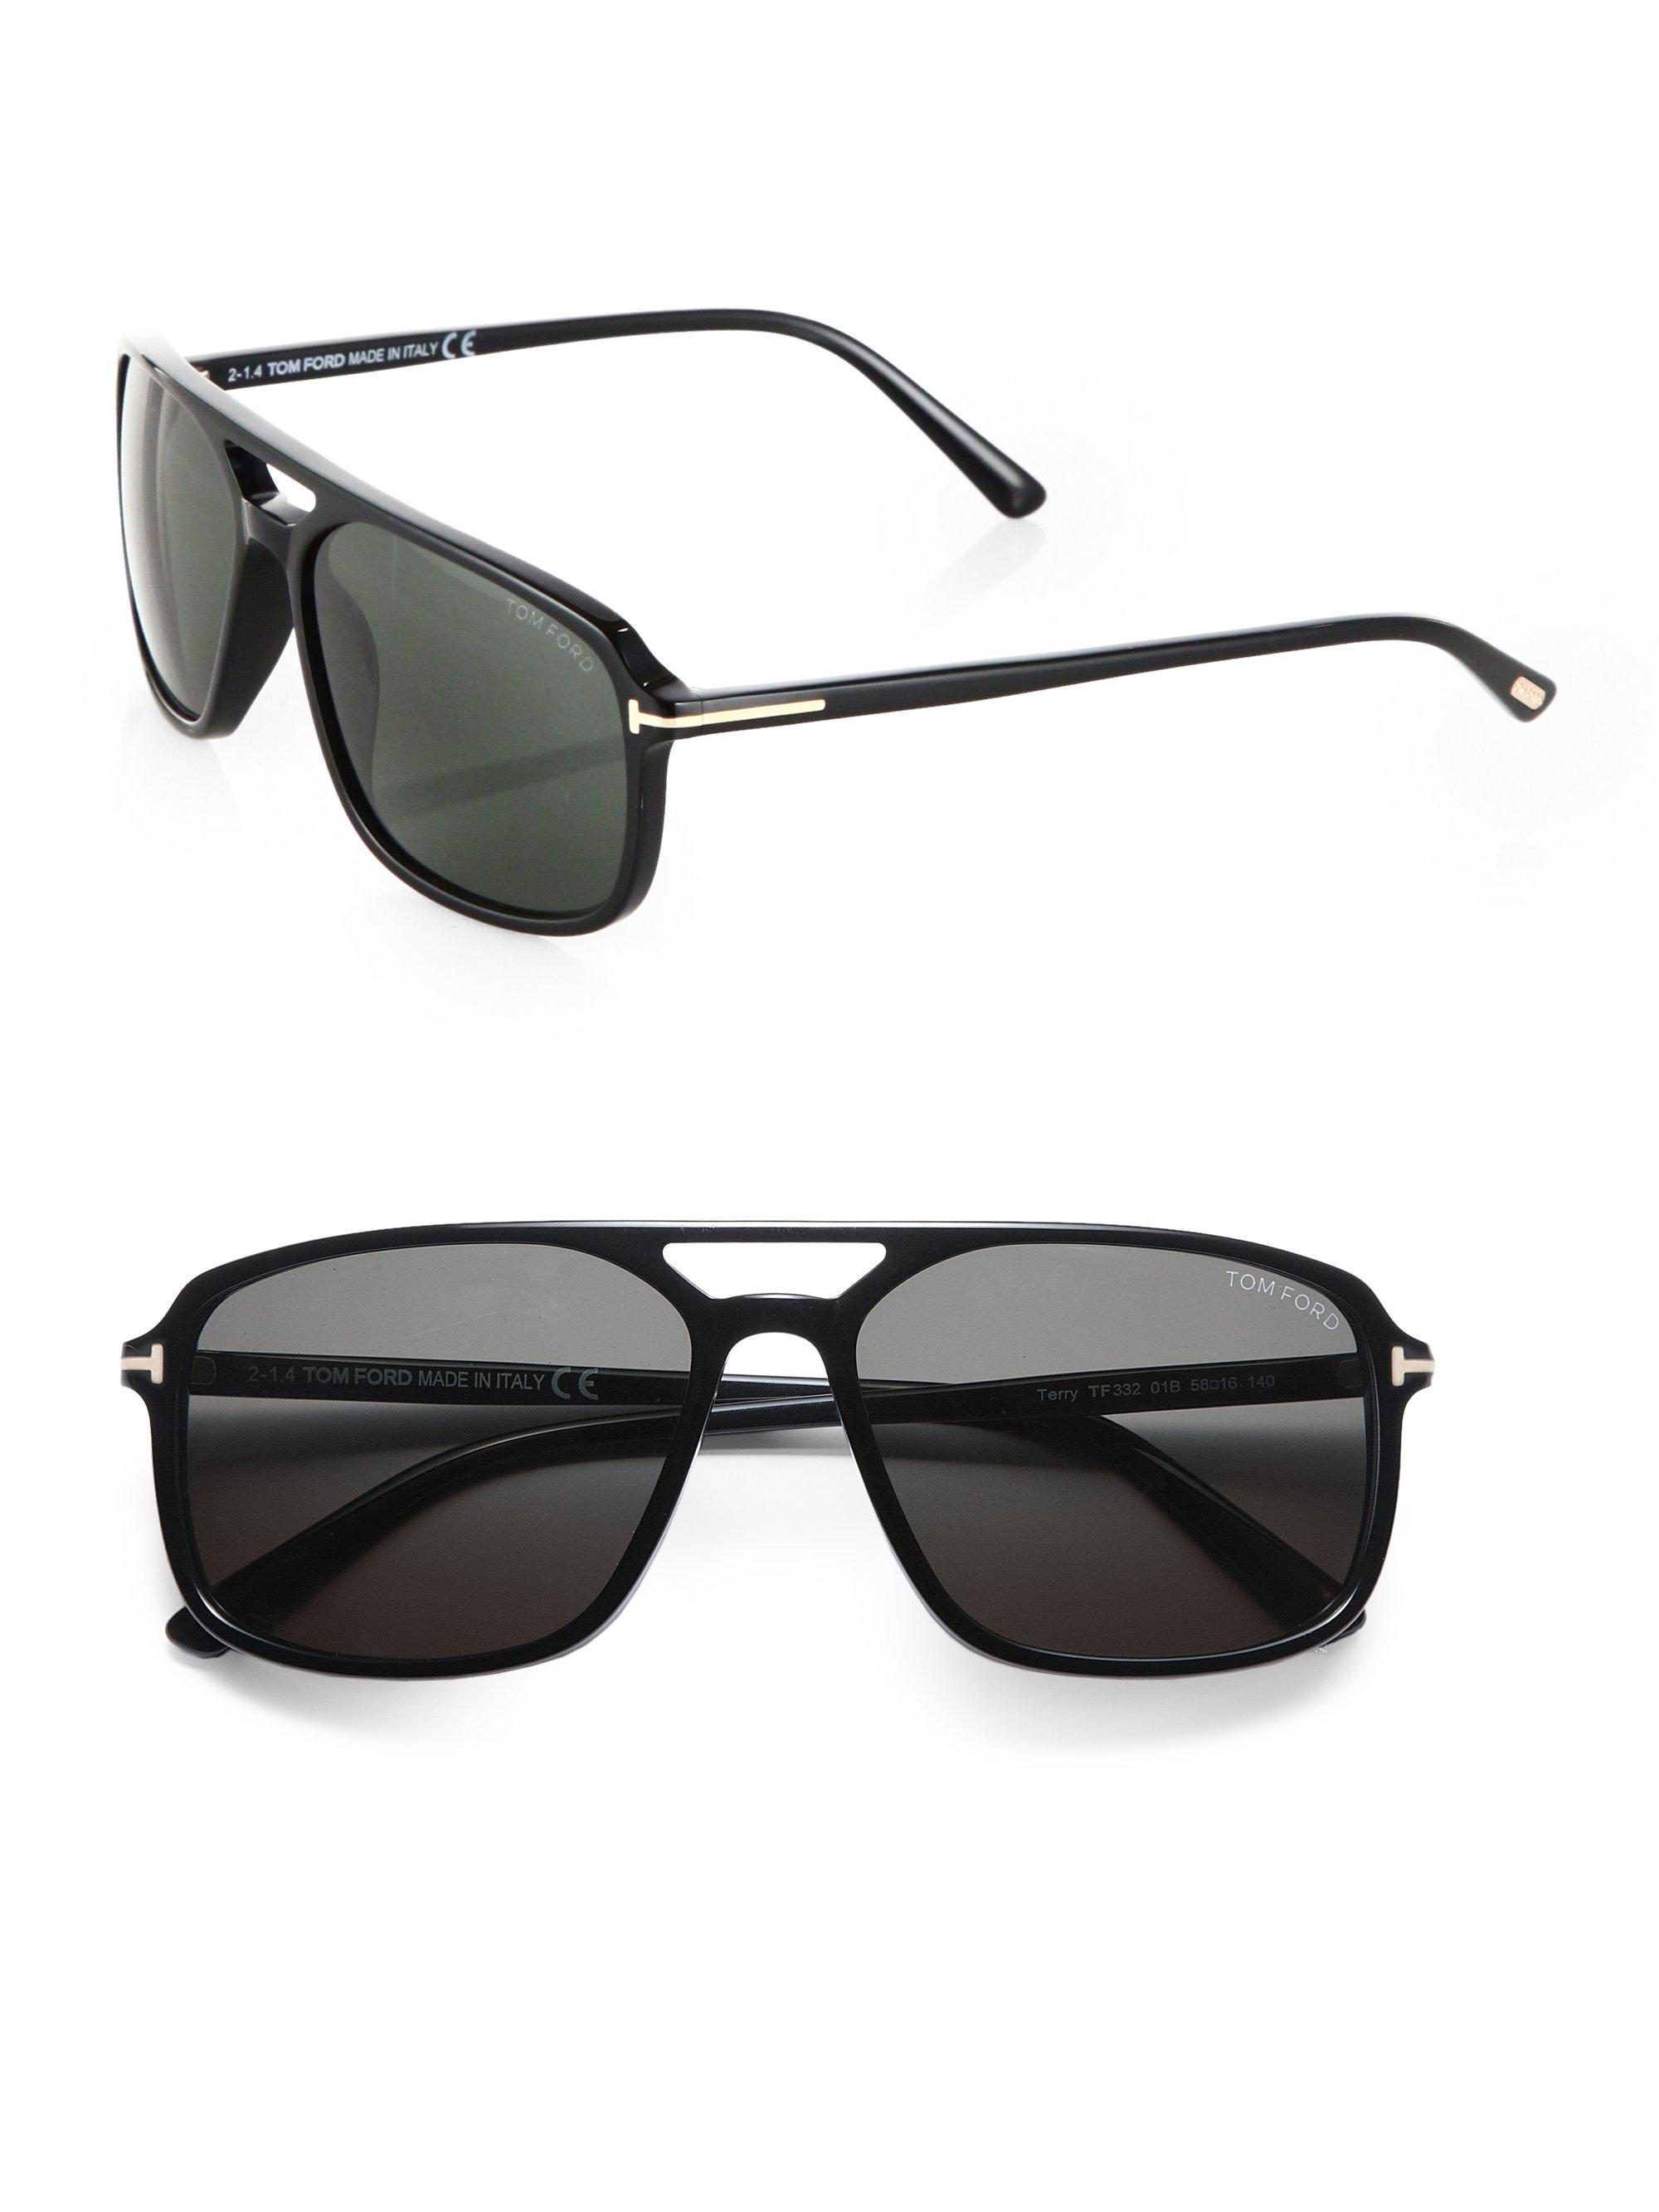 556c1319290 Lyst - Tom Ford Flynn 58mm Acetate Sunglasses in Black for Men